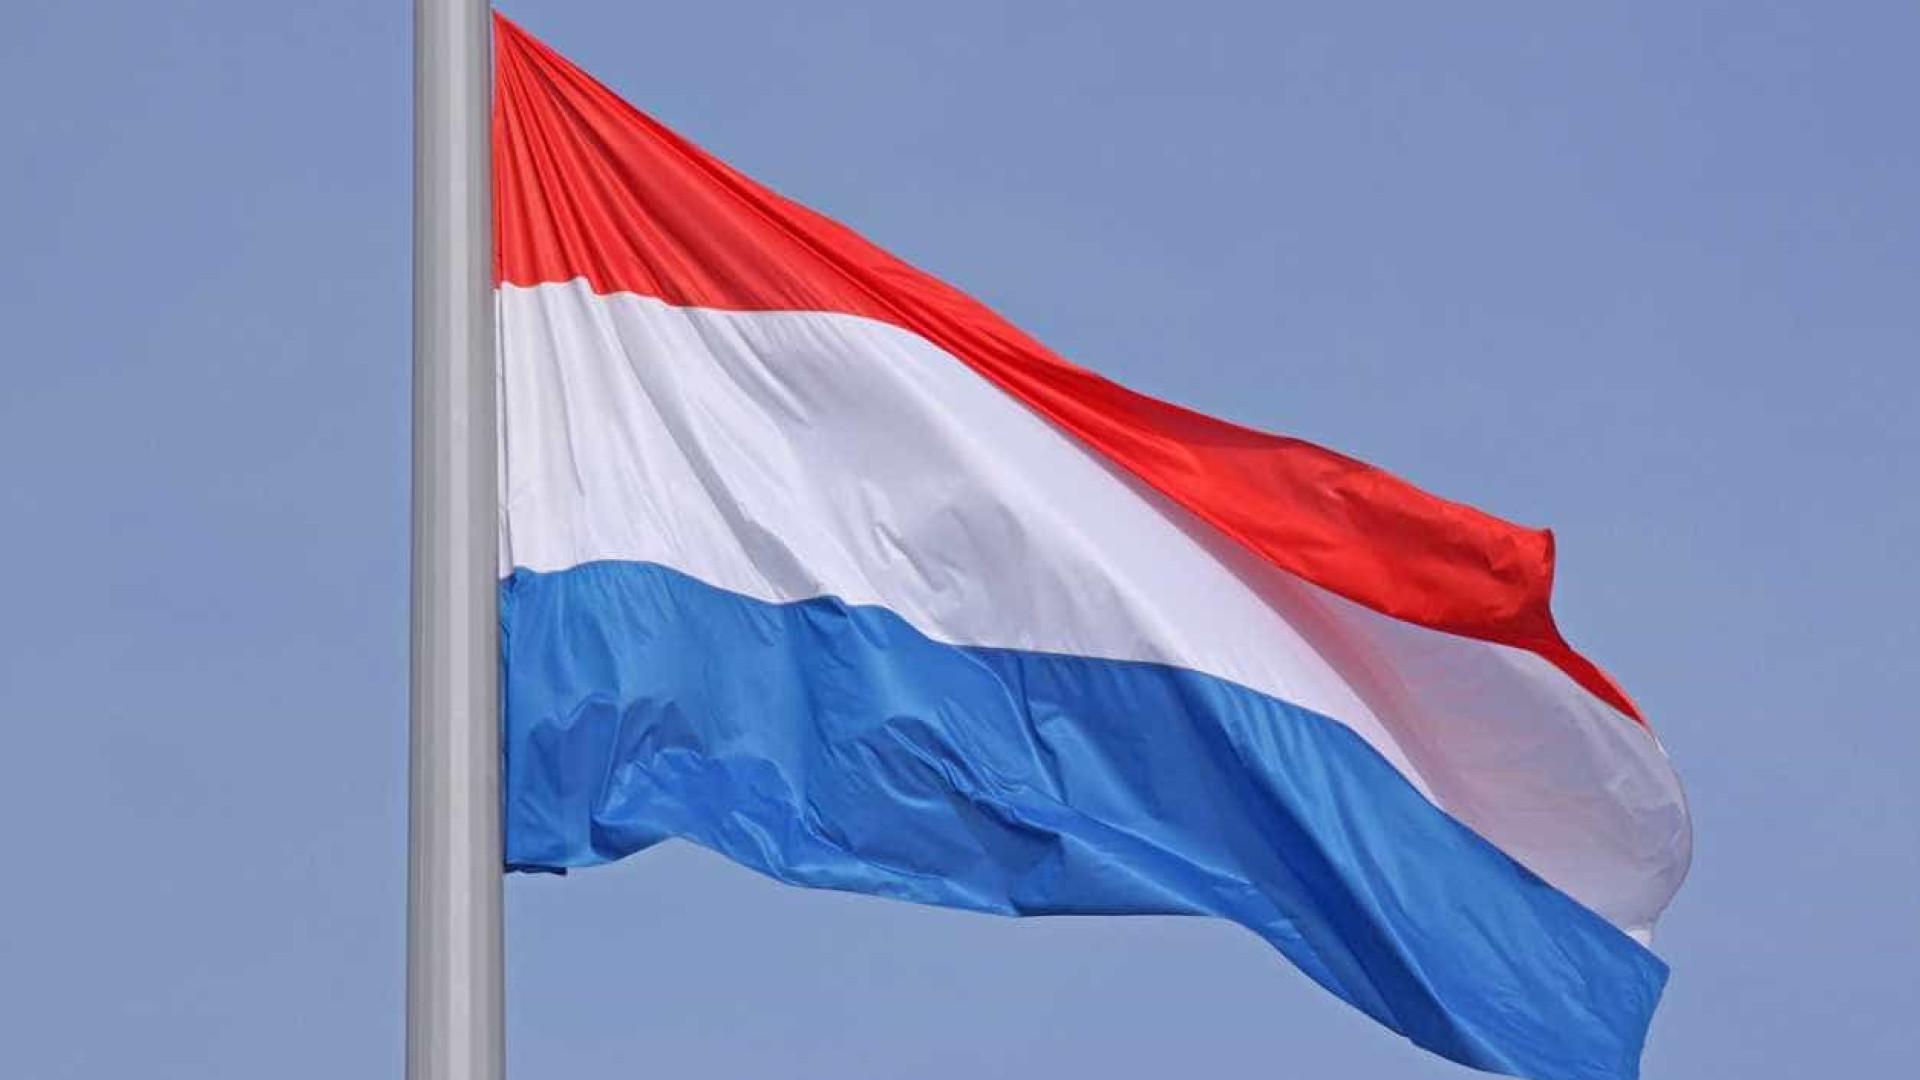 Luxemburgo rejeita petição que proíbe empresas de pedir língua portuguesa